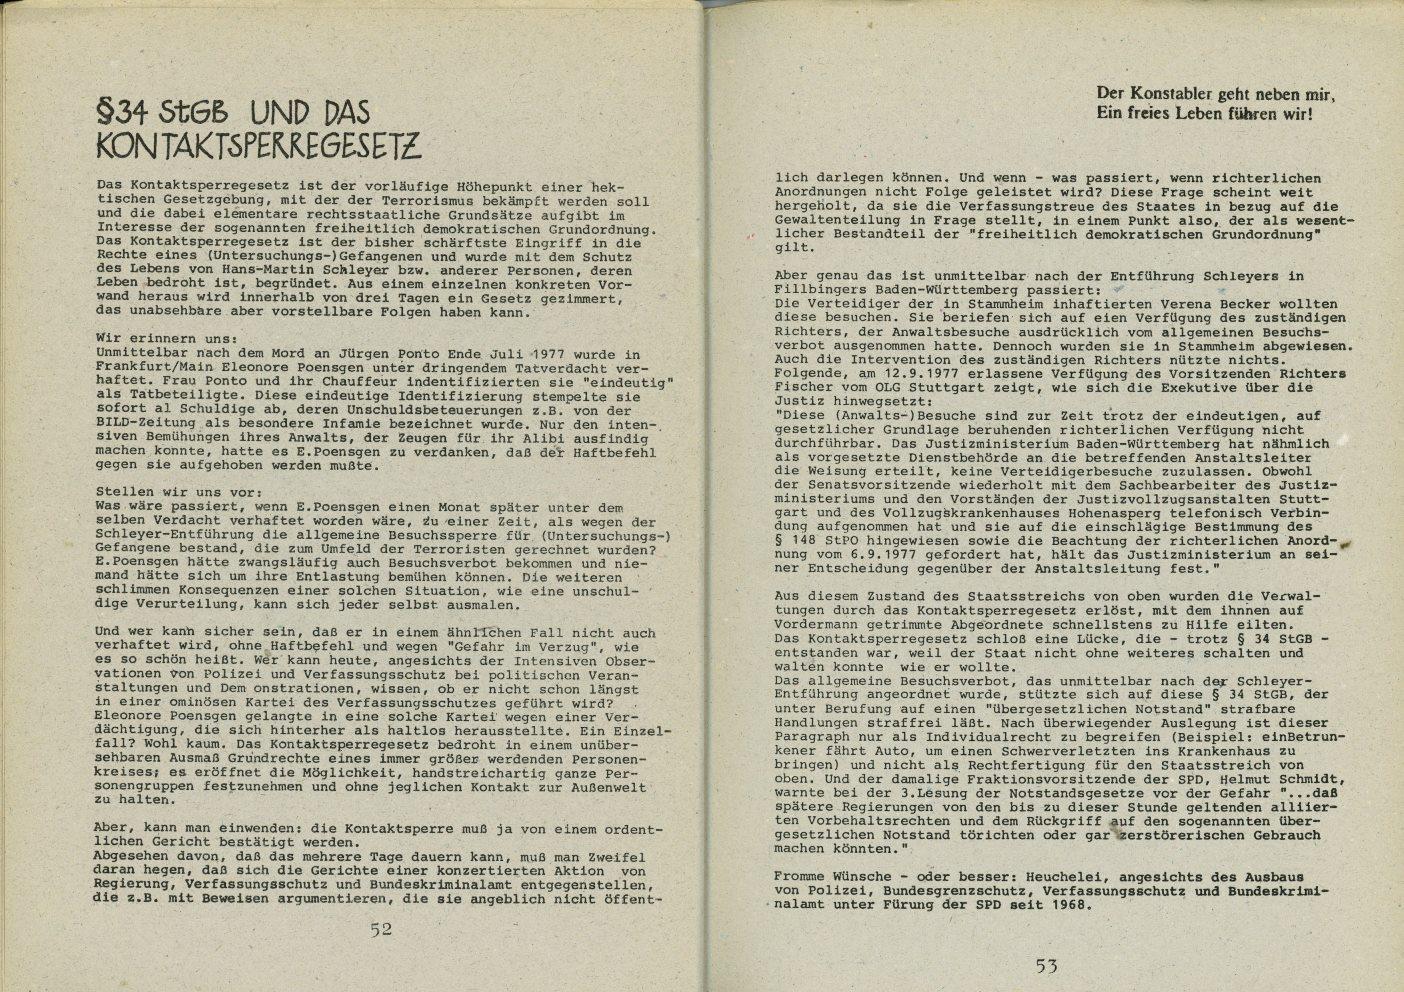 Stuttgart_AGRT_Menschenrechtsverletzungen_Leseheft_1978_28